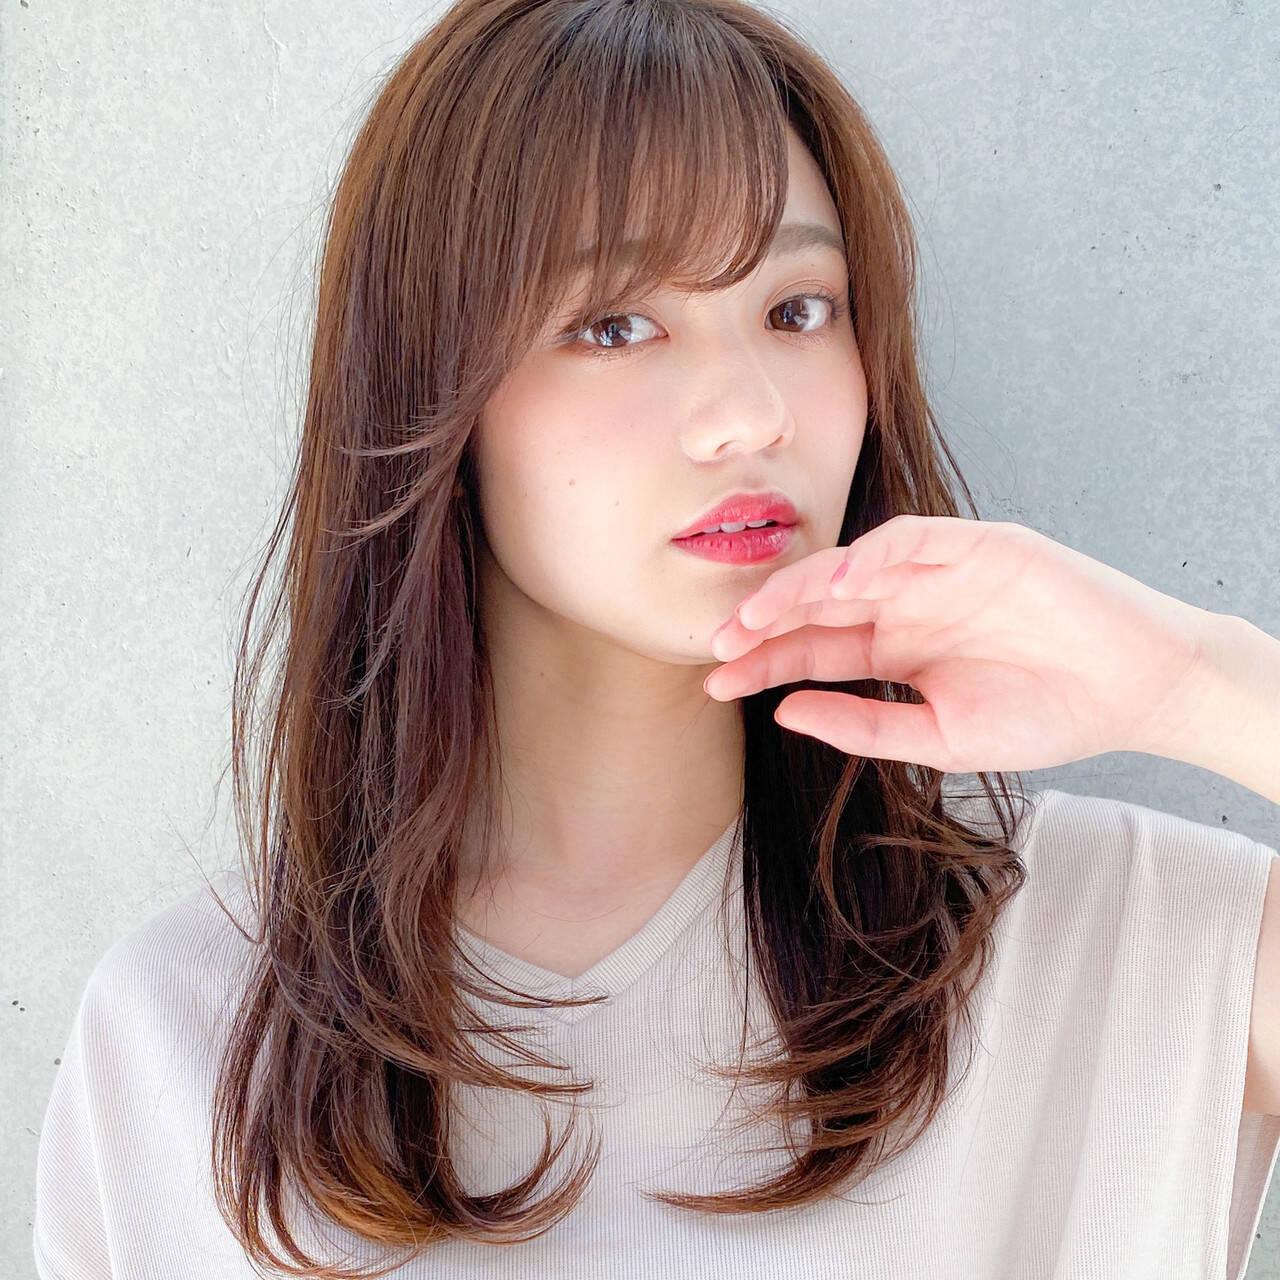 レイヤー 小顔 レイヤーカット デジタルパーマヘアスタイルや髪型の写真・画像